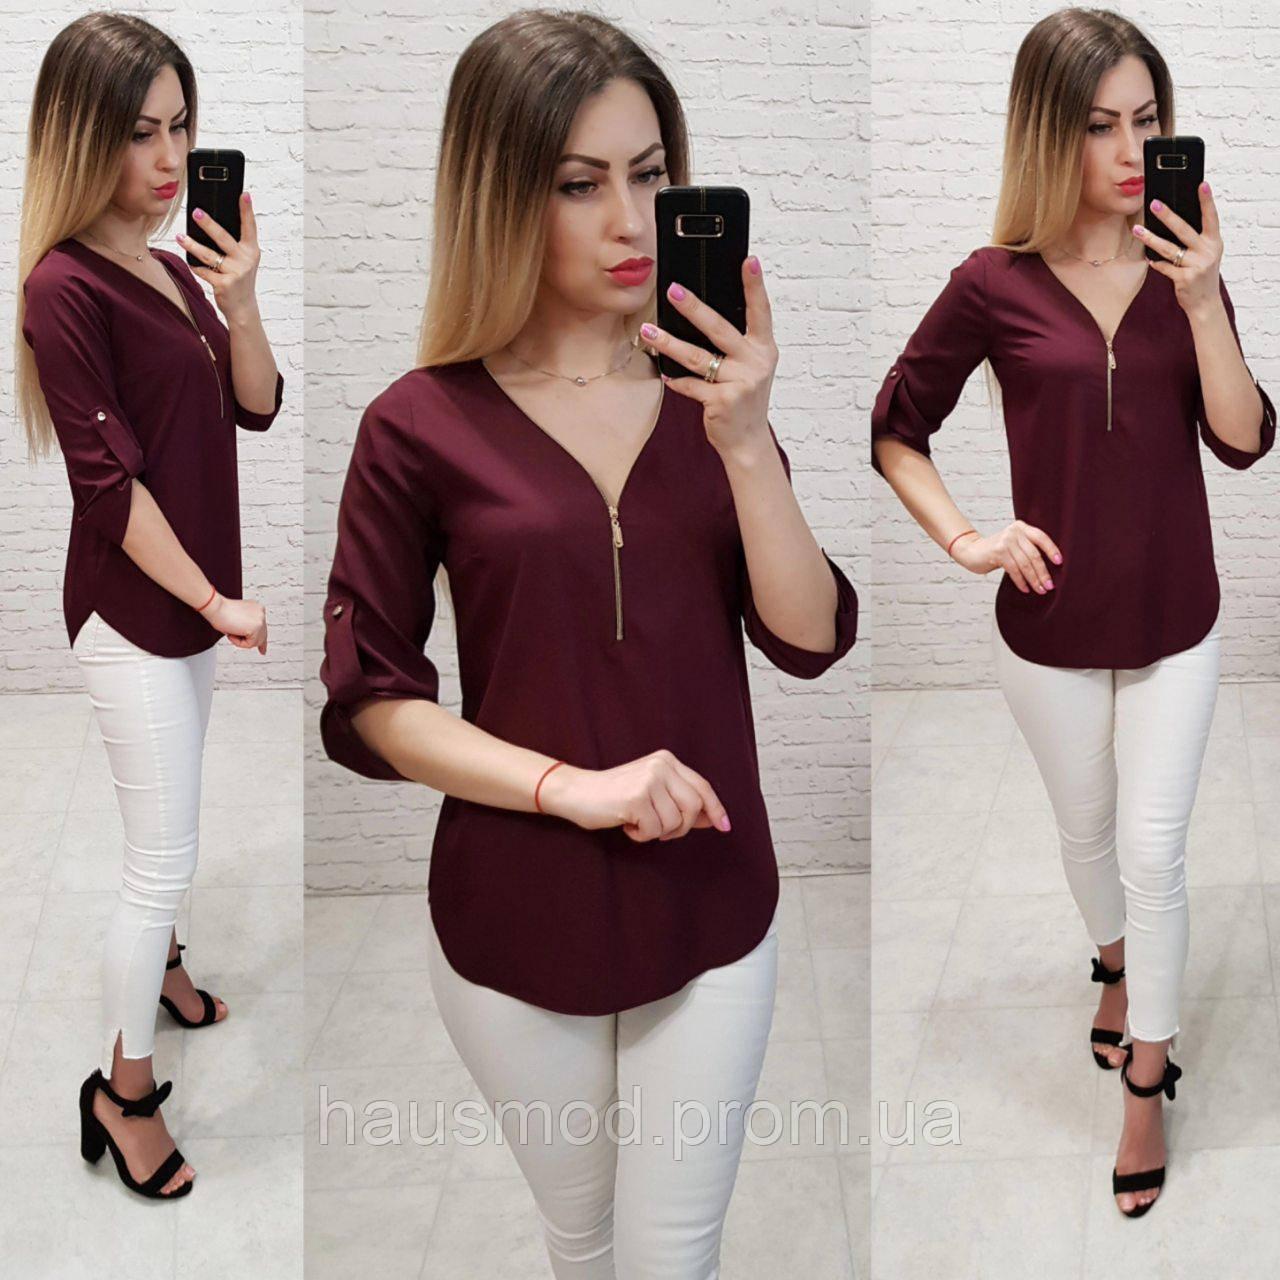 Женская блуза на молнии рукав 3/4 ткань софт цвет бордовый